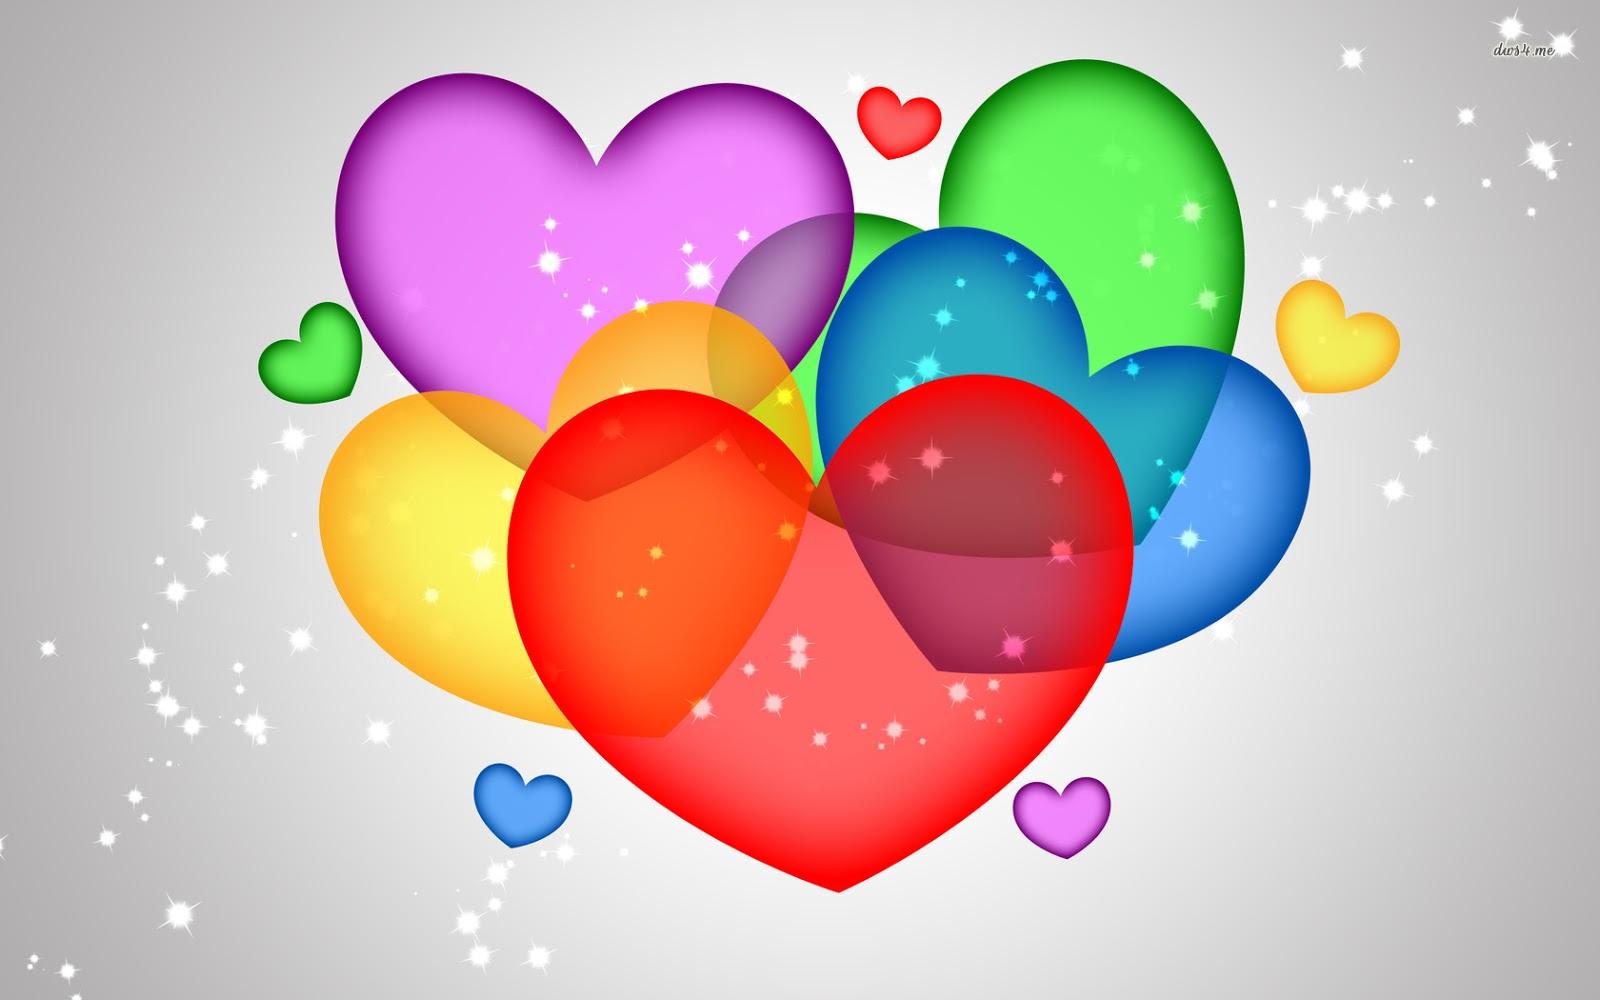 Descargar Imagenes Gratis: Fondos, Amor, Ocio, Frases Y Mensajes